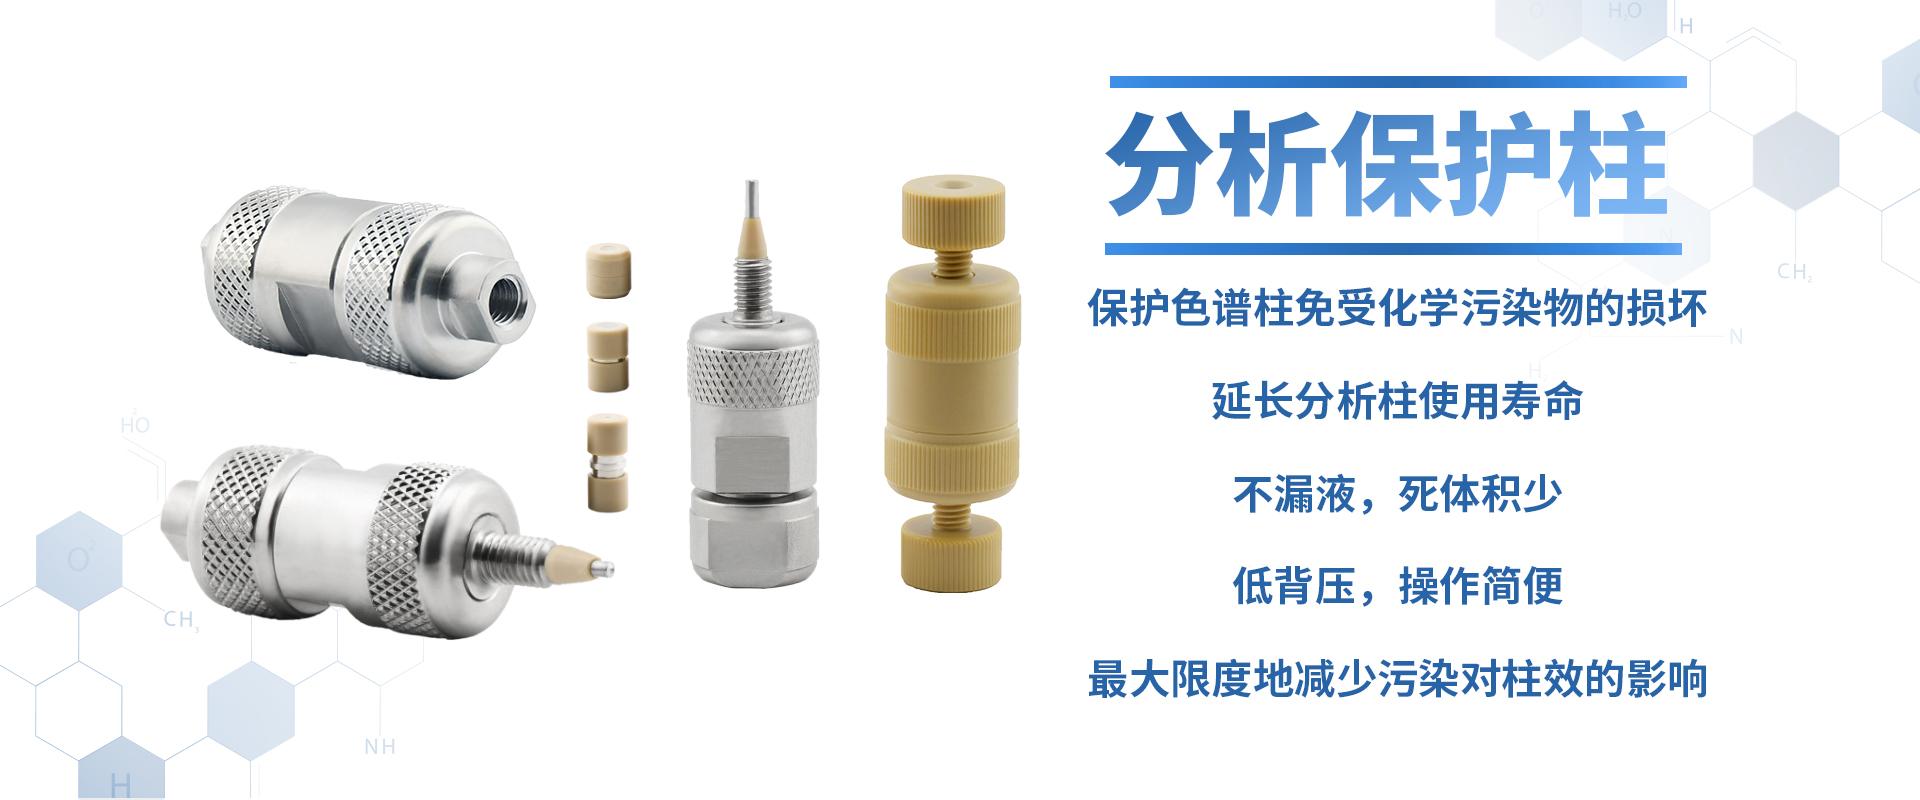 分析保护柱+柱芯